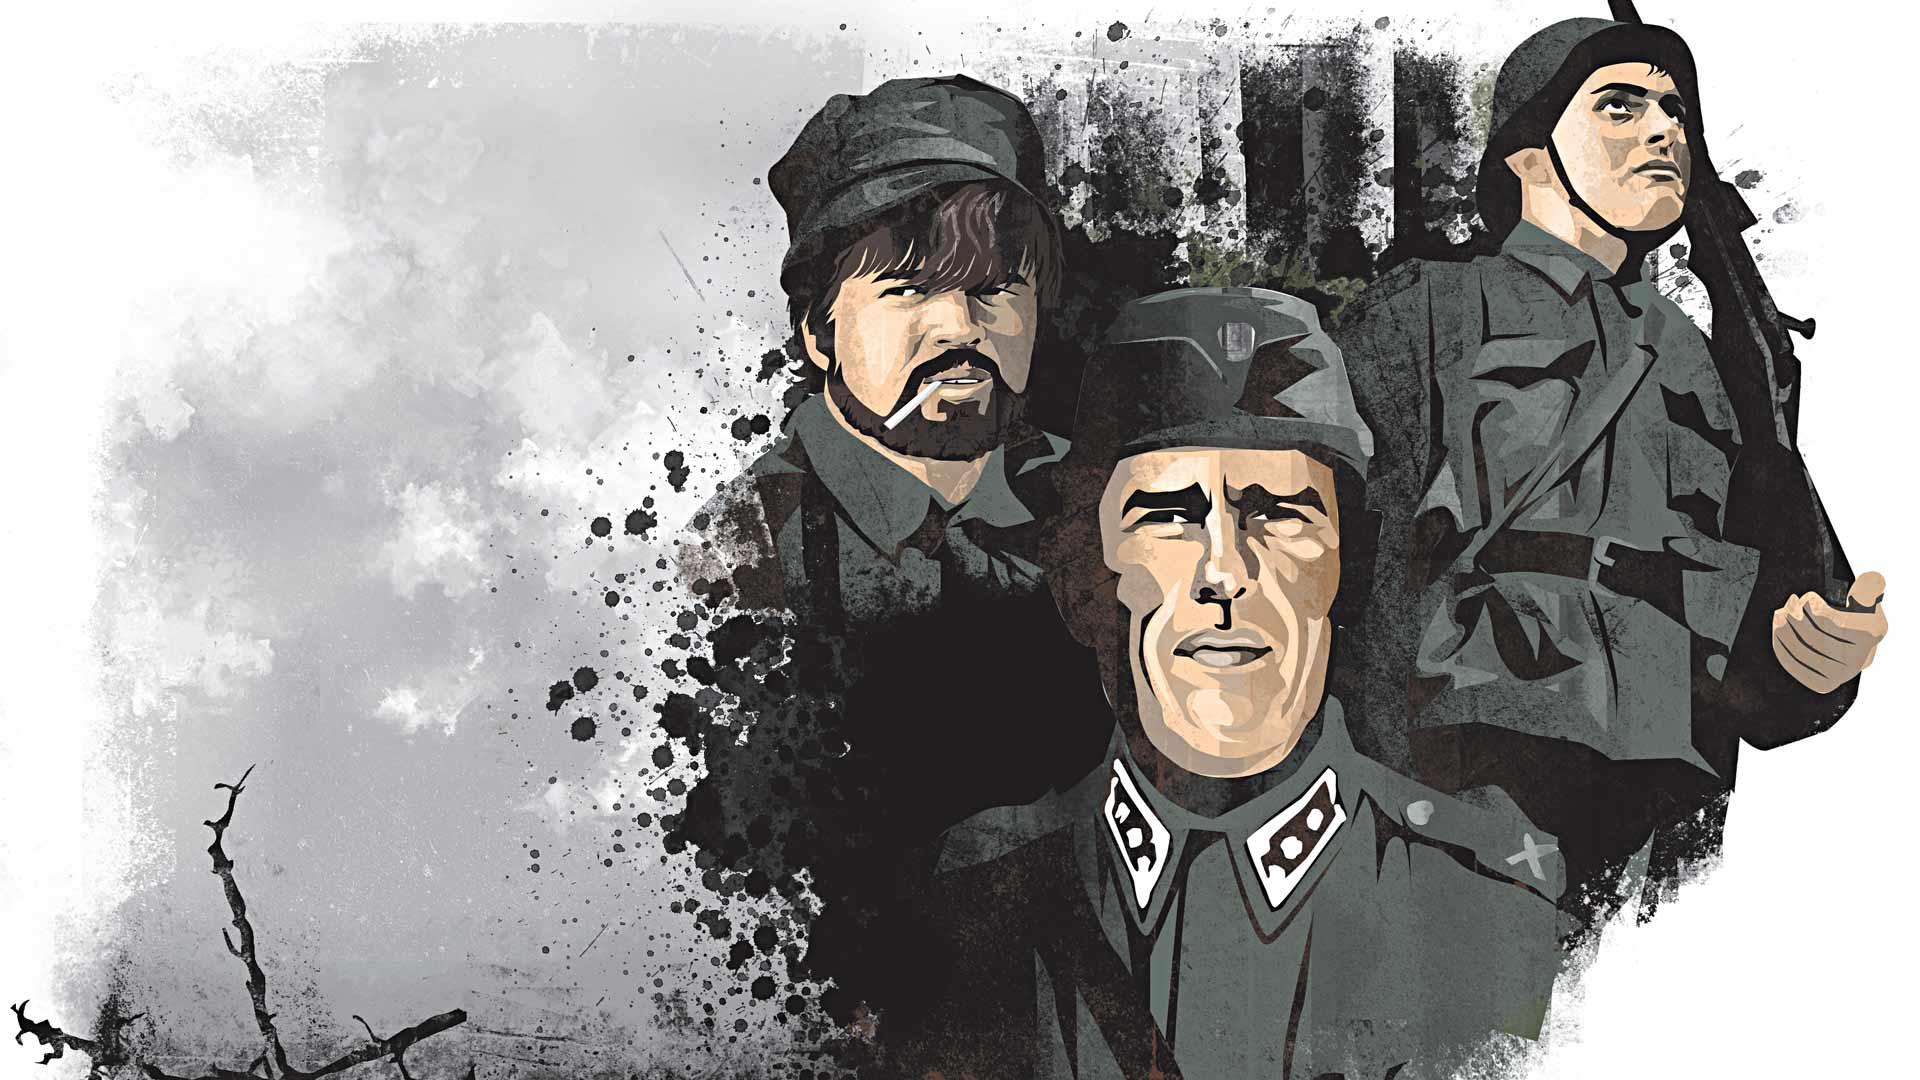 Donner ja Kassila suunnittelivat yhteishanketta: värielokuvaa Tuntemattomasta sotilaasta, joka valmistuisi kahdessa vuodessa.